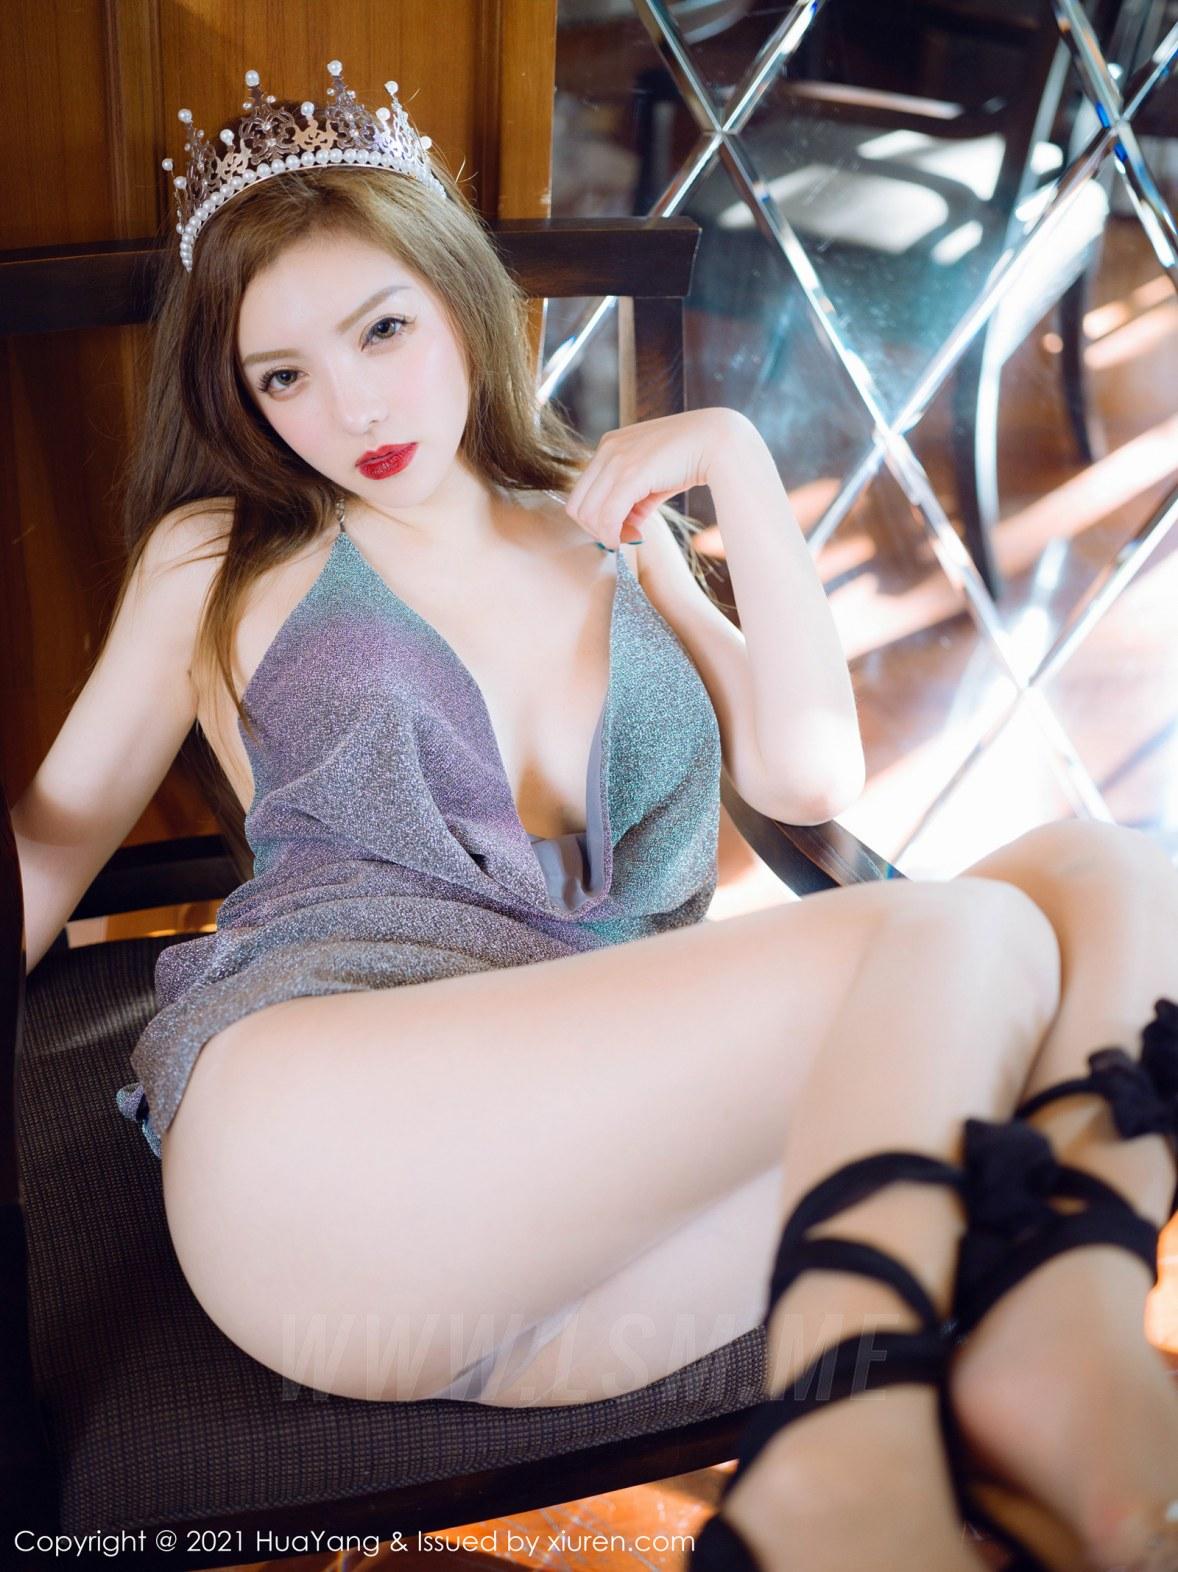 410 033 oa9 4047 5399 - HuaYang 花漾show Vol.410 新人模特芭比娃娃 奶油米 首套写真1 - 花漾show -【免费在线写真】【丽人丝语】